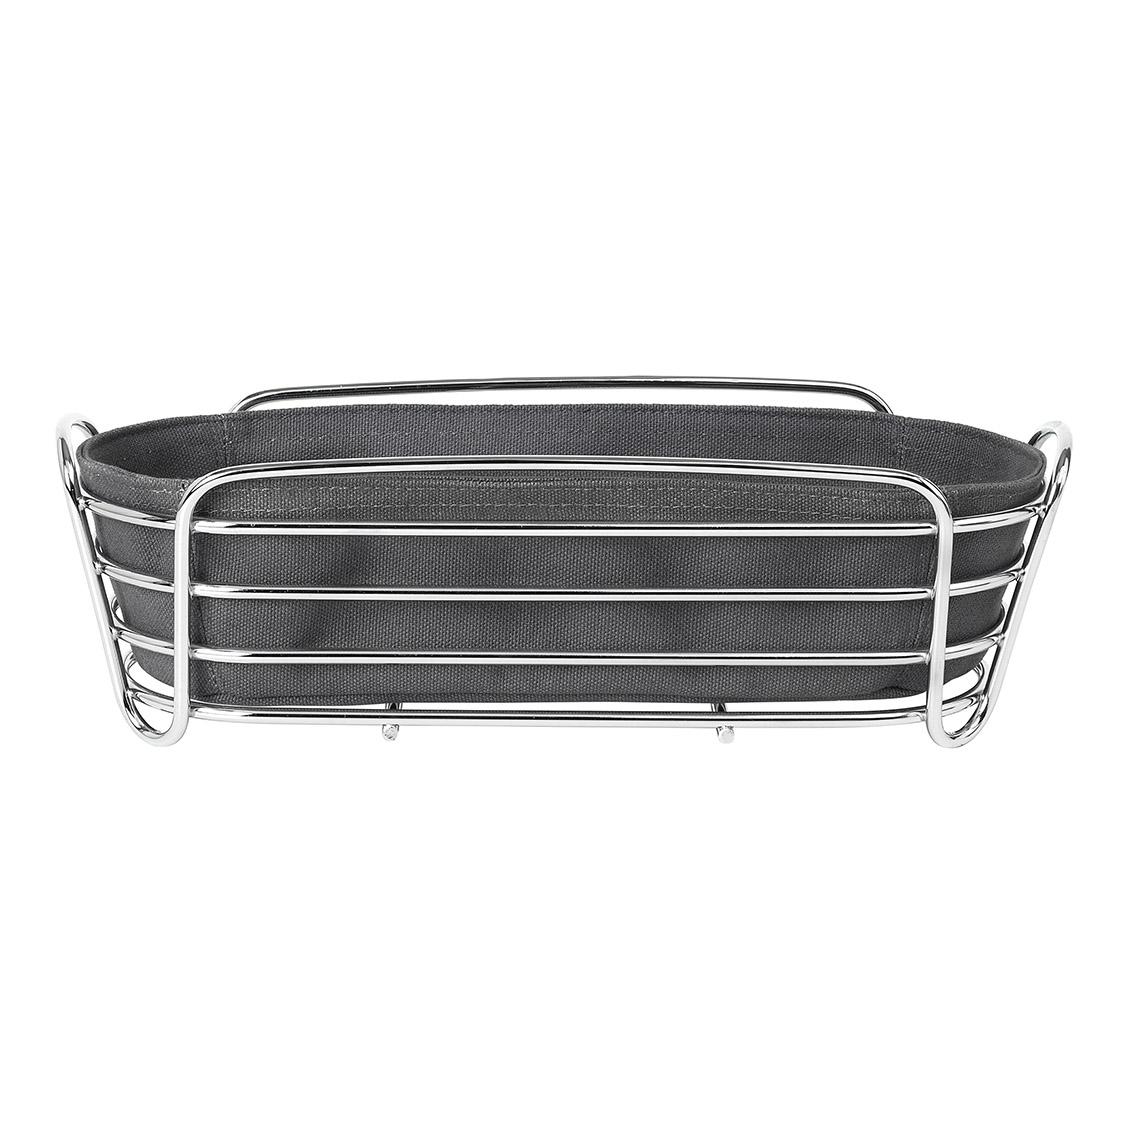 Košík na pečivo DELARA sivočierny Blomus - Blomus Ošatka na pečivo Delara šedočerná 32 cm